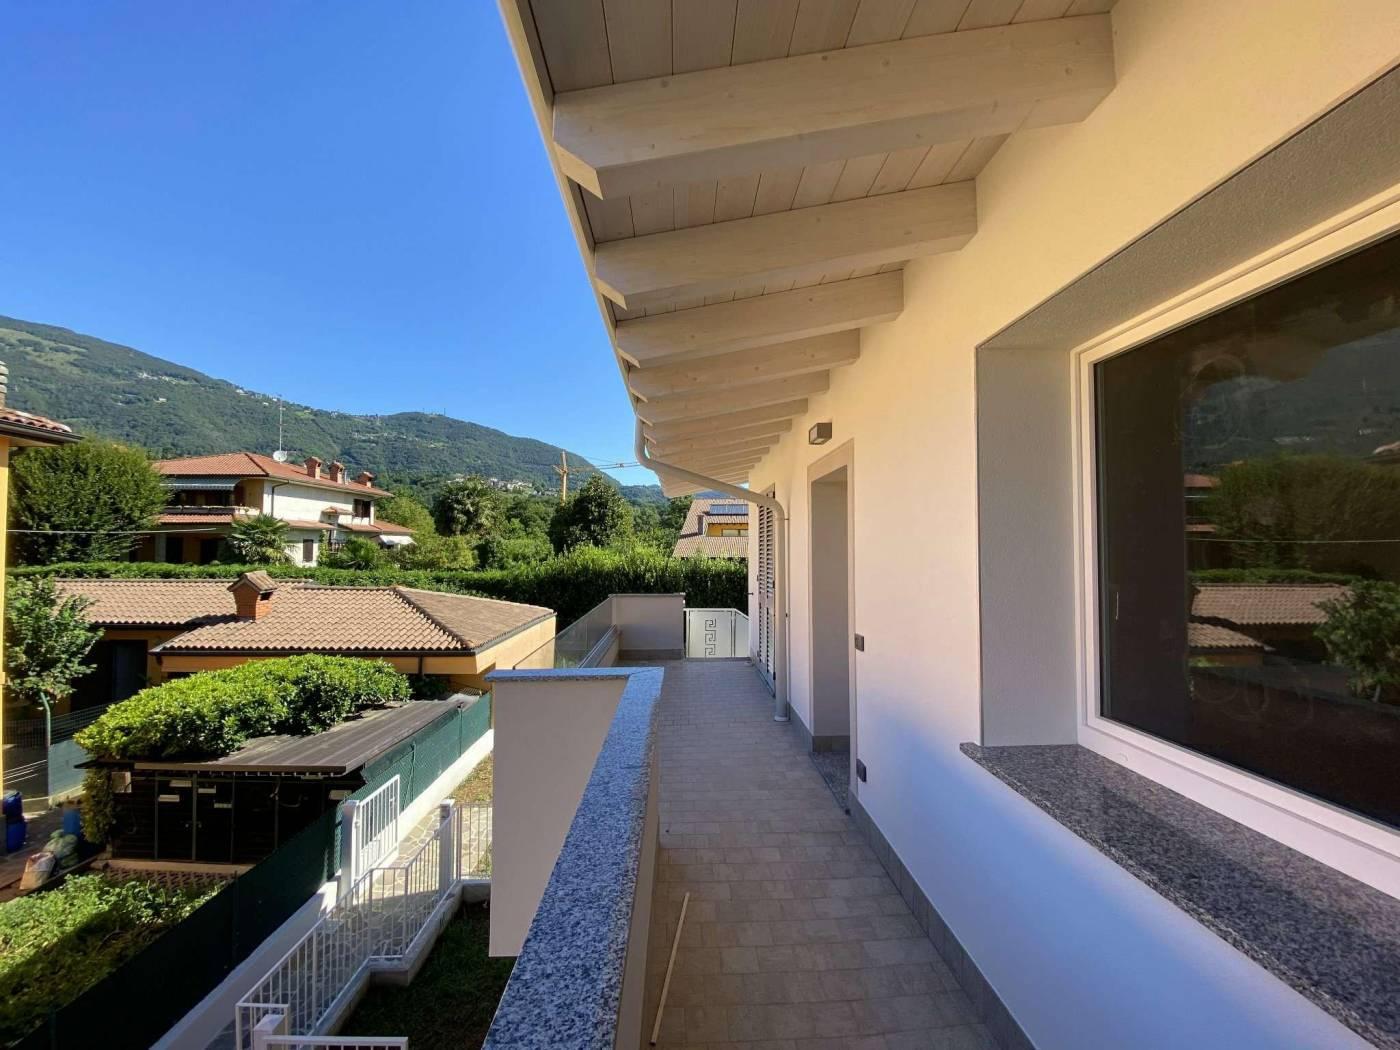 Appartamento in vendita a Bonate Sopra, 3 locali, prezzo € 245.000   PortaleAgenzieImmobiliari.it